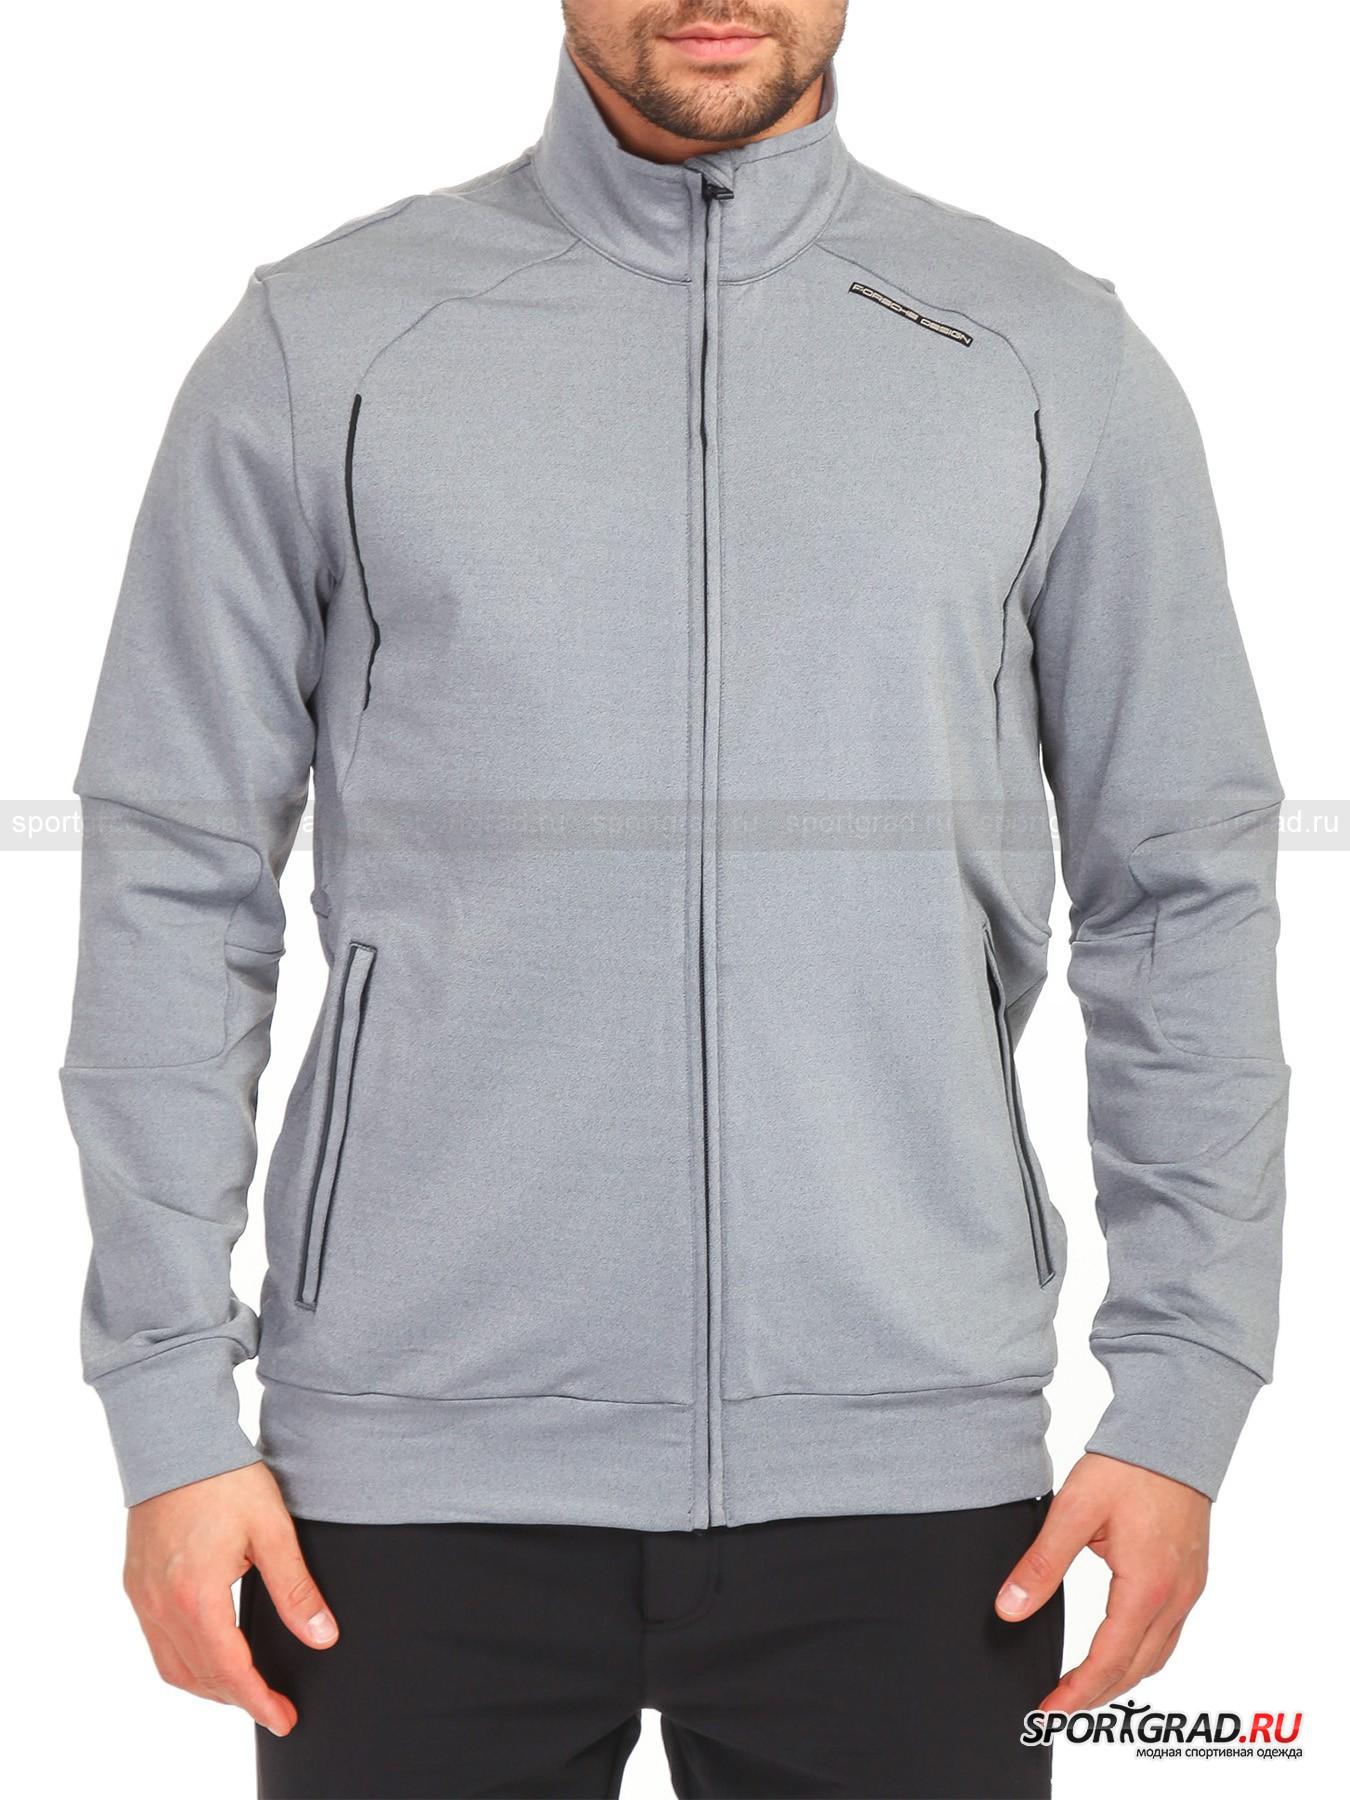 ��������� ������� ������������� Gym jacket PORSCHE DESIGN